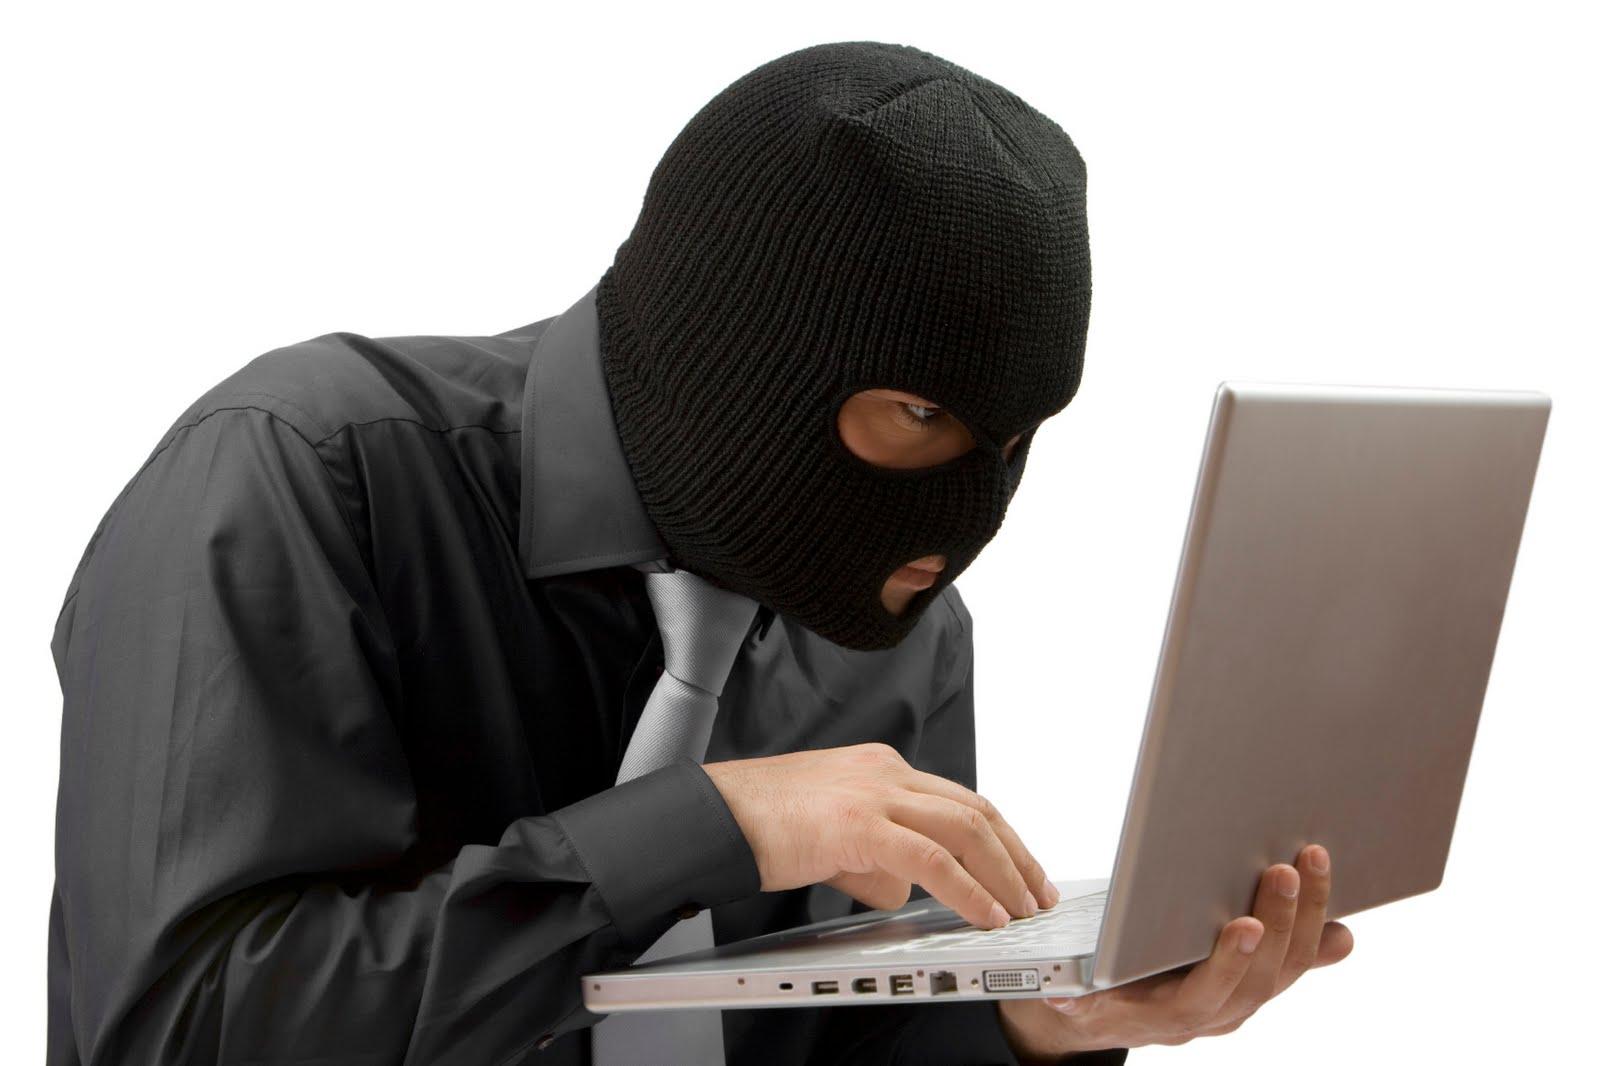 Słynni hakerzy - TOP 5 światowego rankingu. - CyberBezpieczenstwo.pl - Bezpieczny internet: malware, hacking